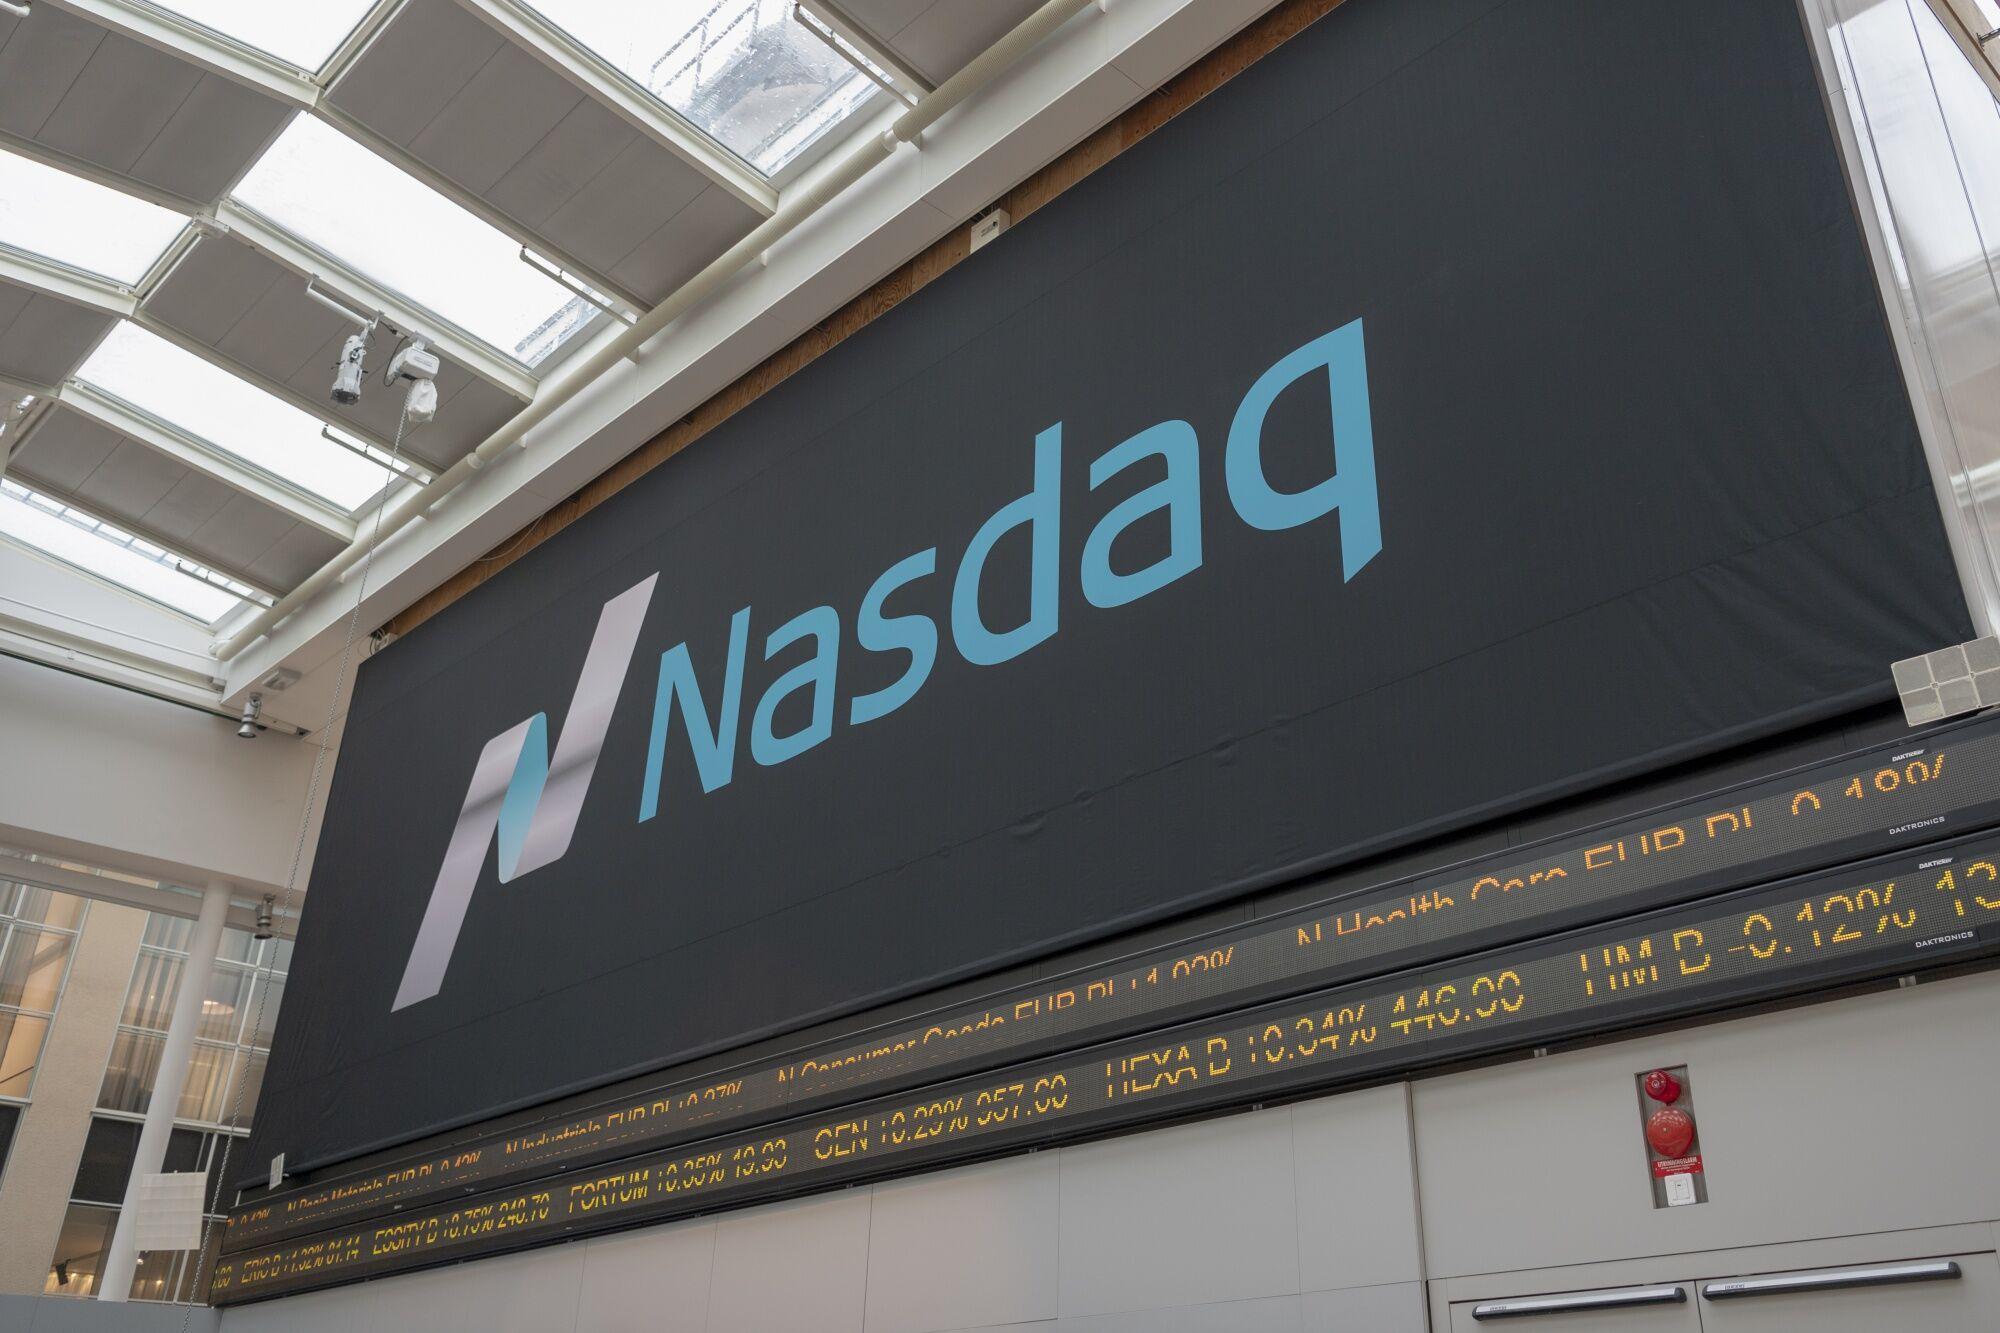 Calendario Nasdaq.Star Trader S Default Still Rattling Power Market A Year